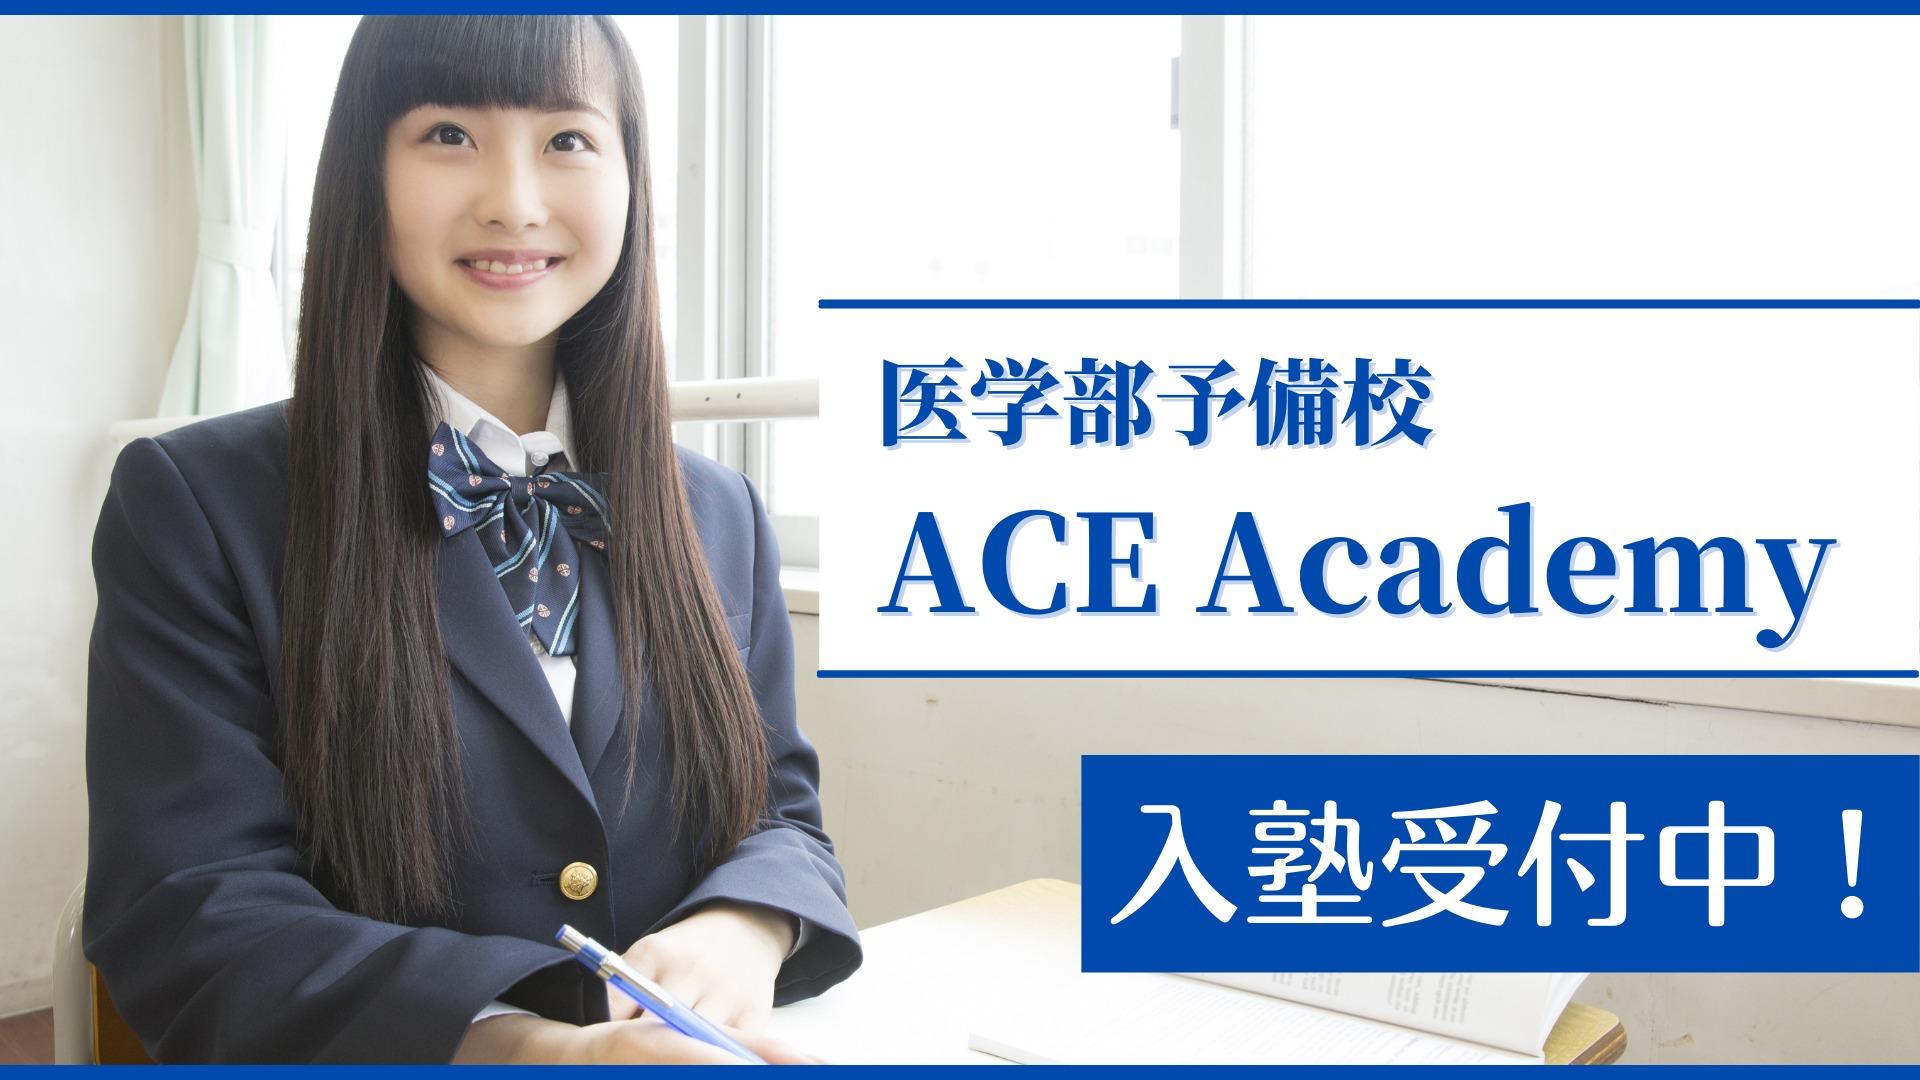 医学部予備校ACE Academy(エースアカデミー)。東京で最も安い学費。